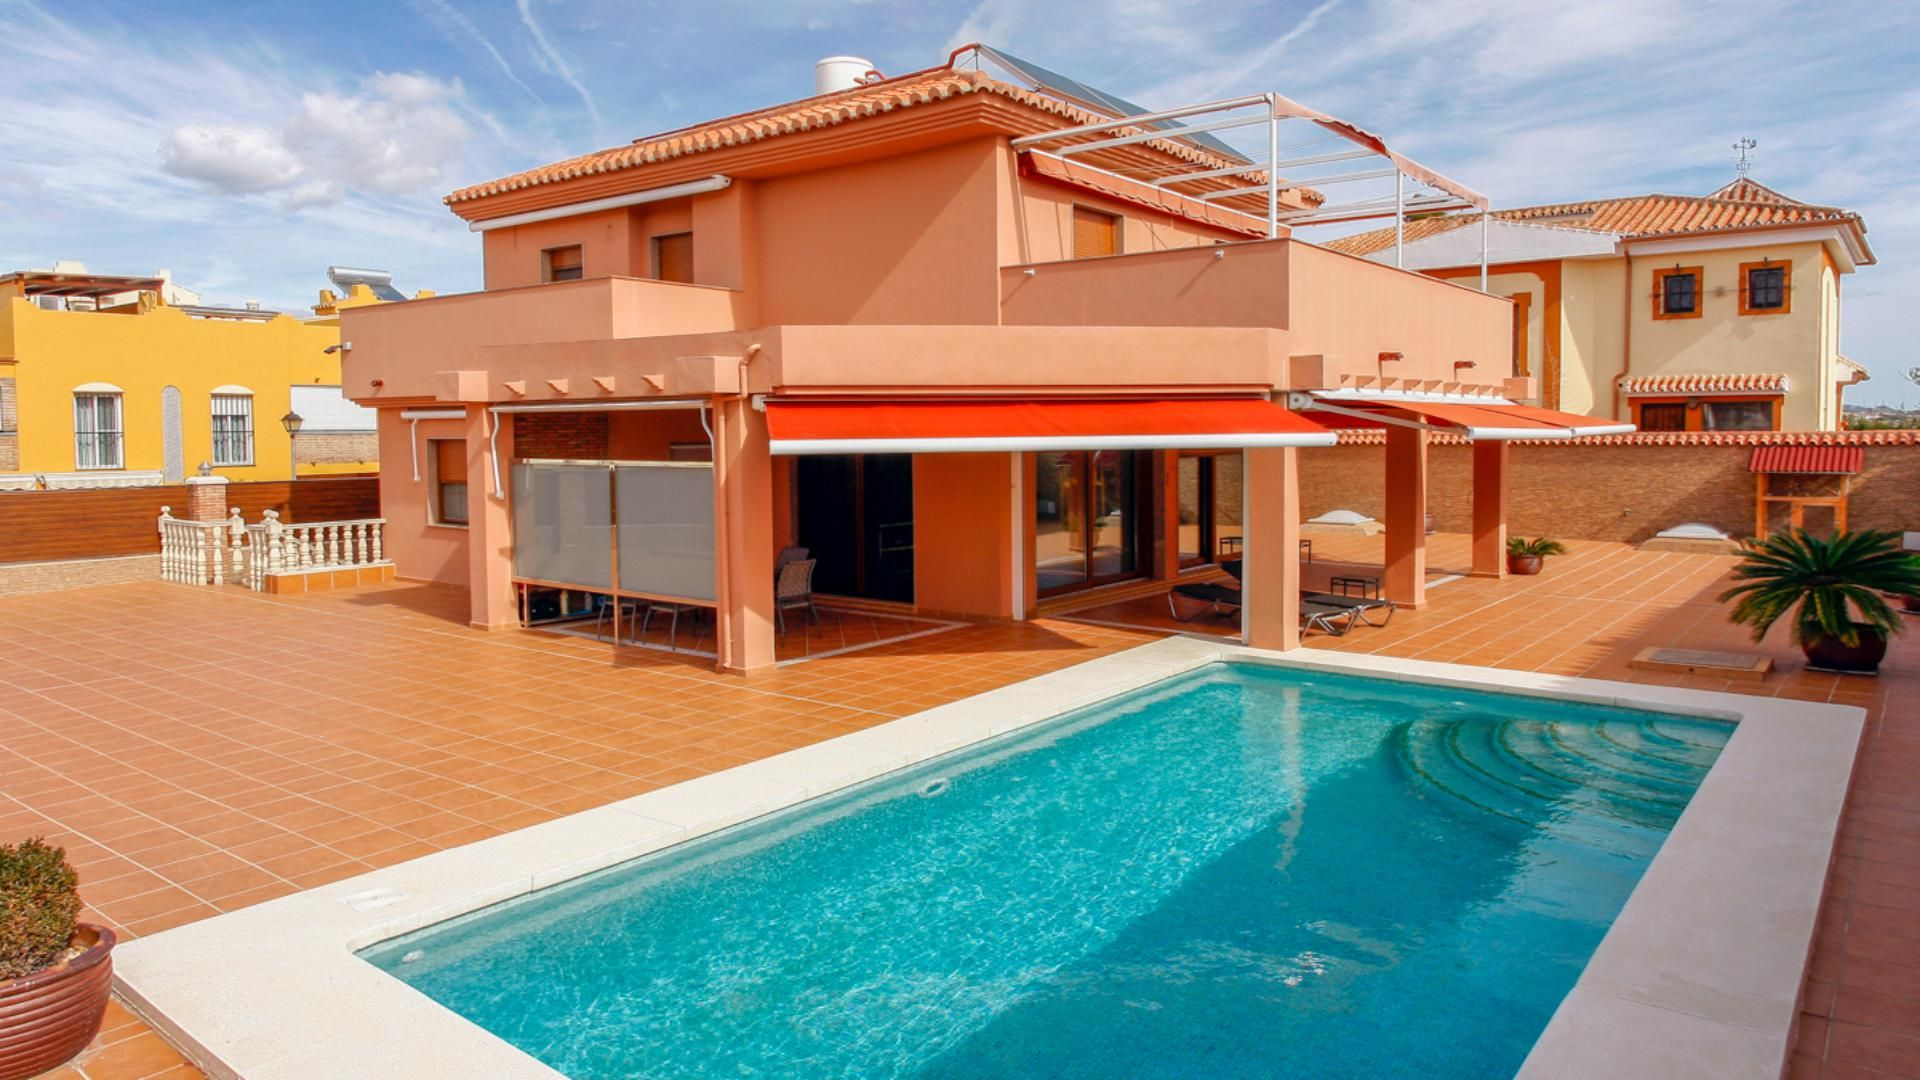 Luxury detached villa in El Tomillar in Torre del Mar